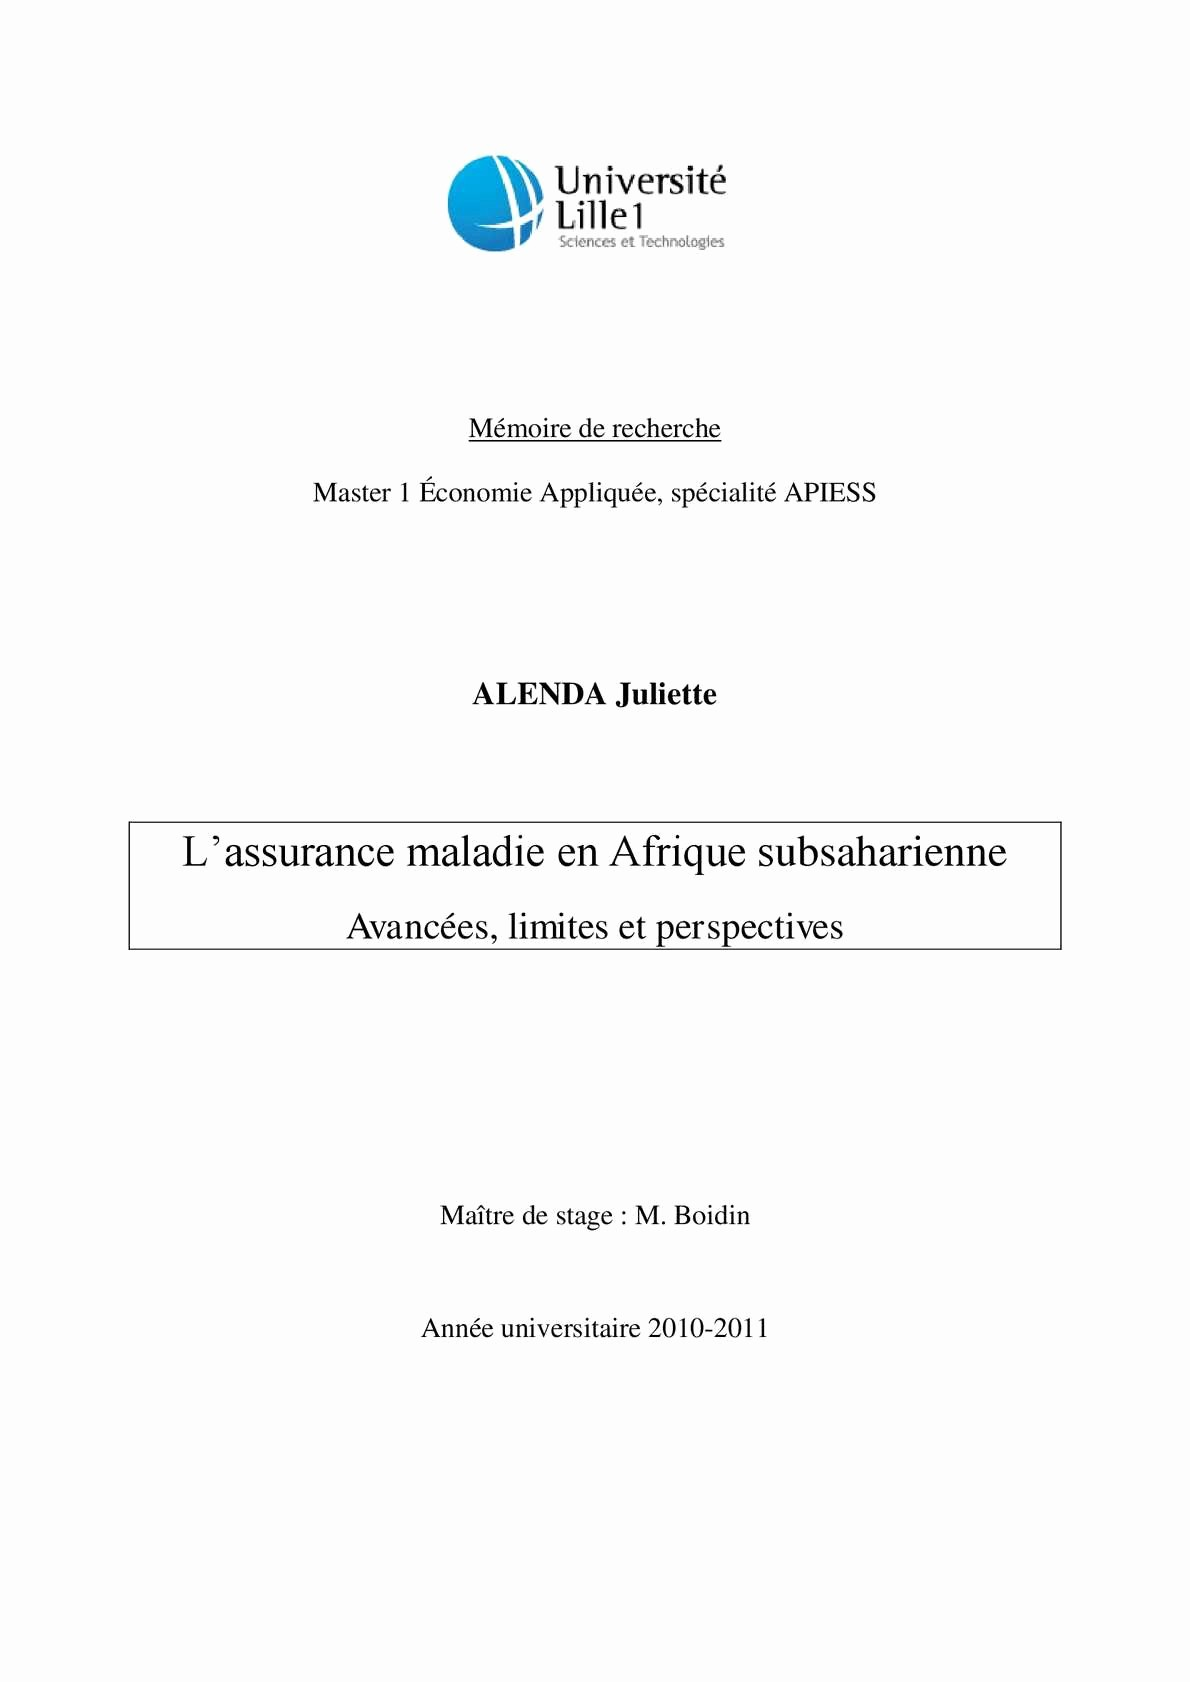 Lab Report Cover Page Apa Unique Calaméo L assurance Mala En Afrique Subsaharienne